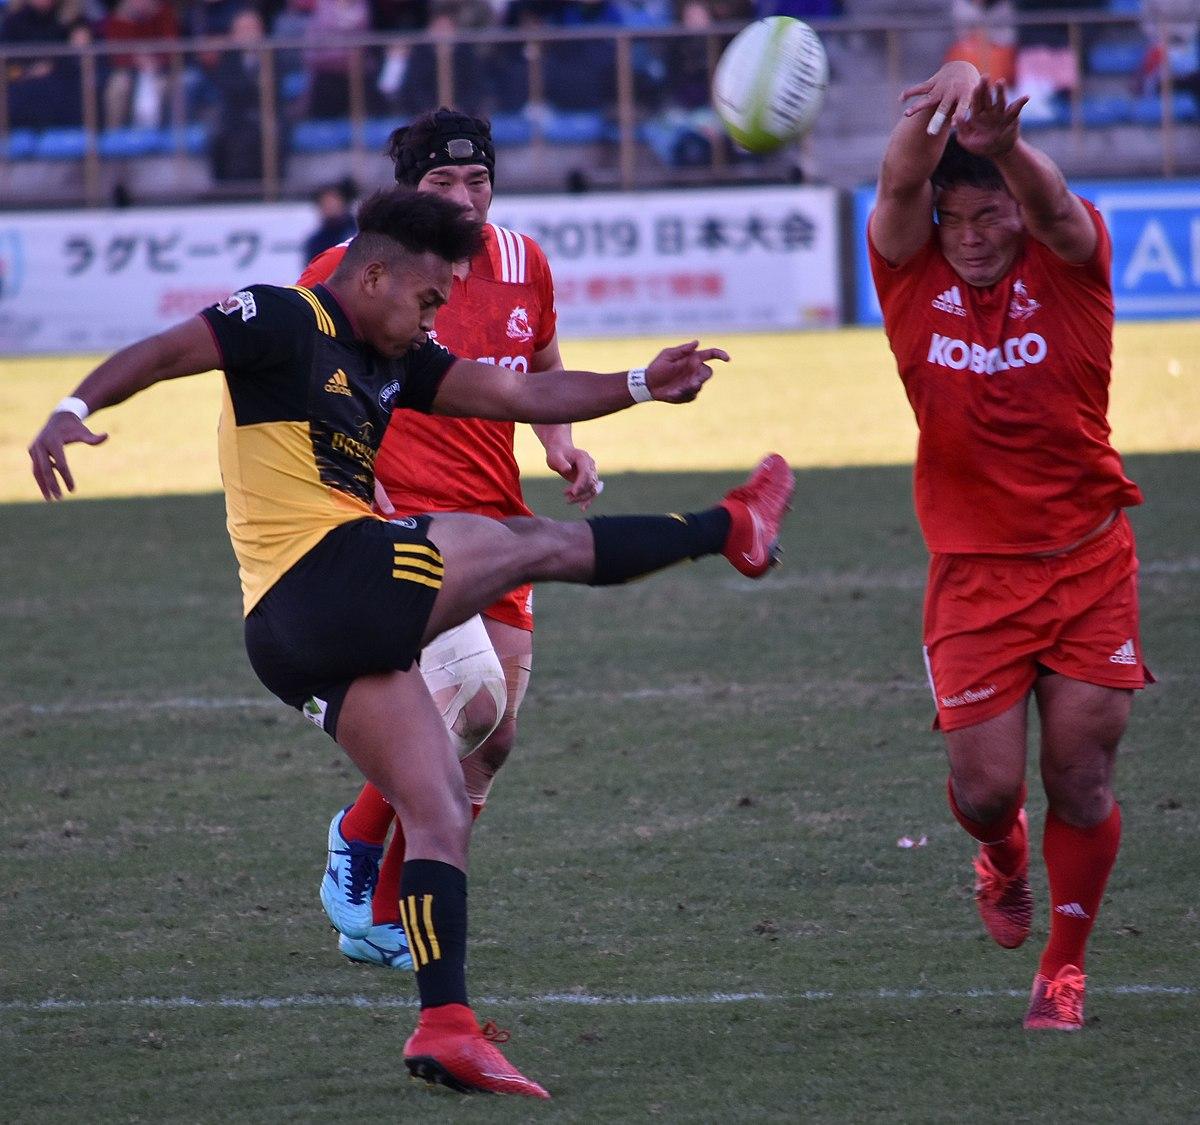 松島幸太朗 (ラグビー選手)の画像 p1_6